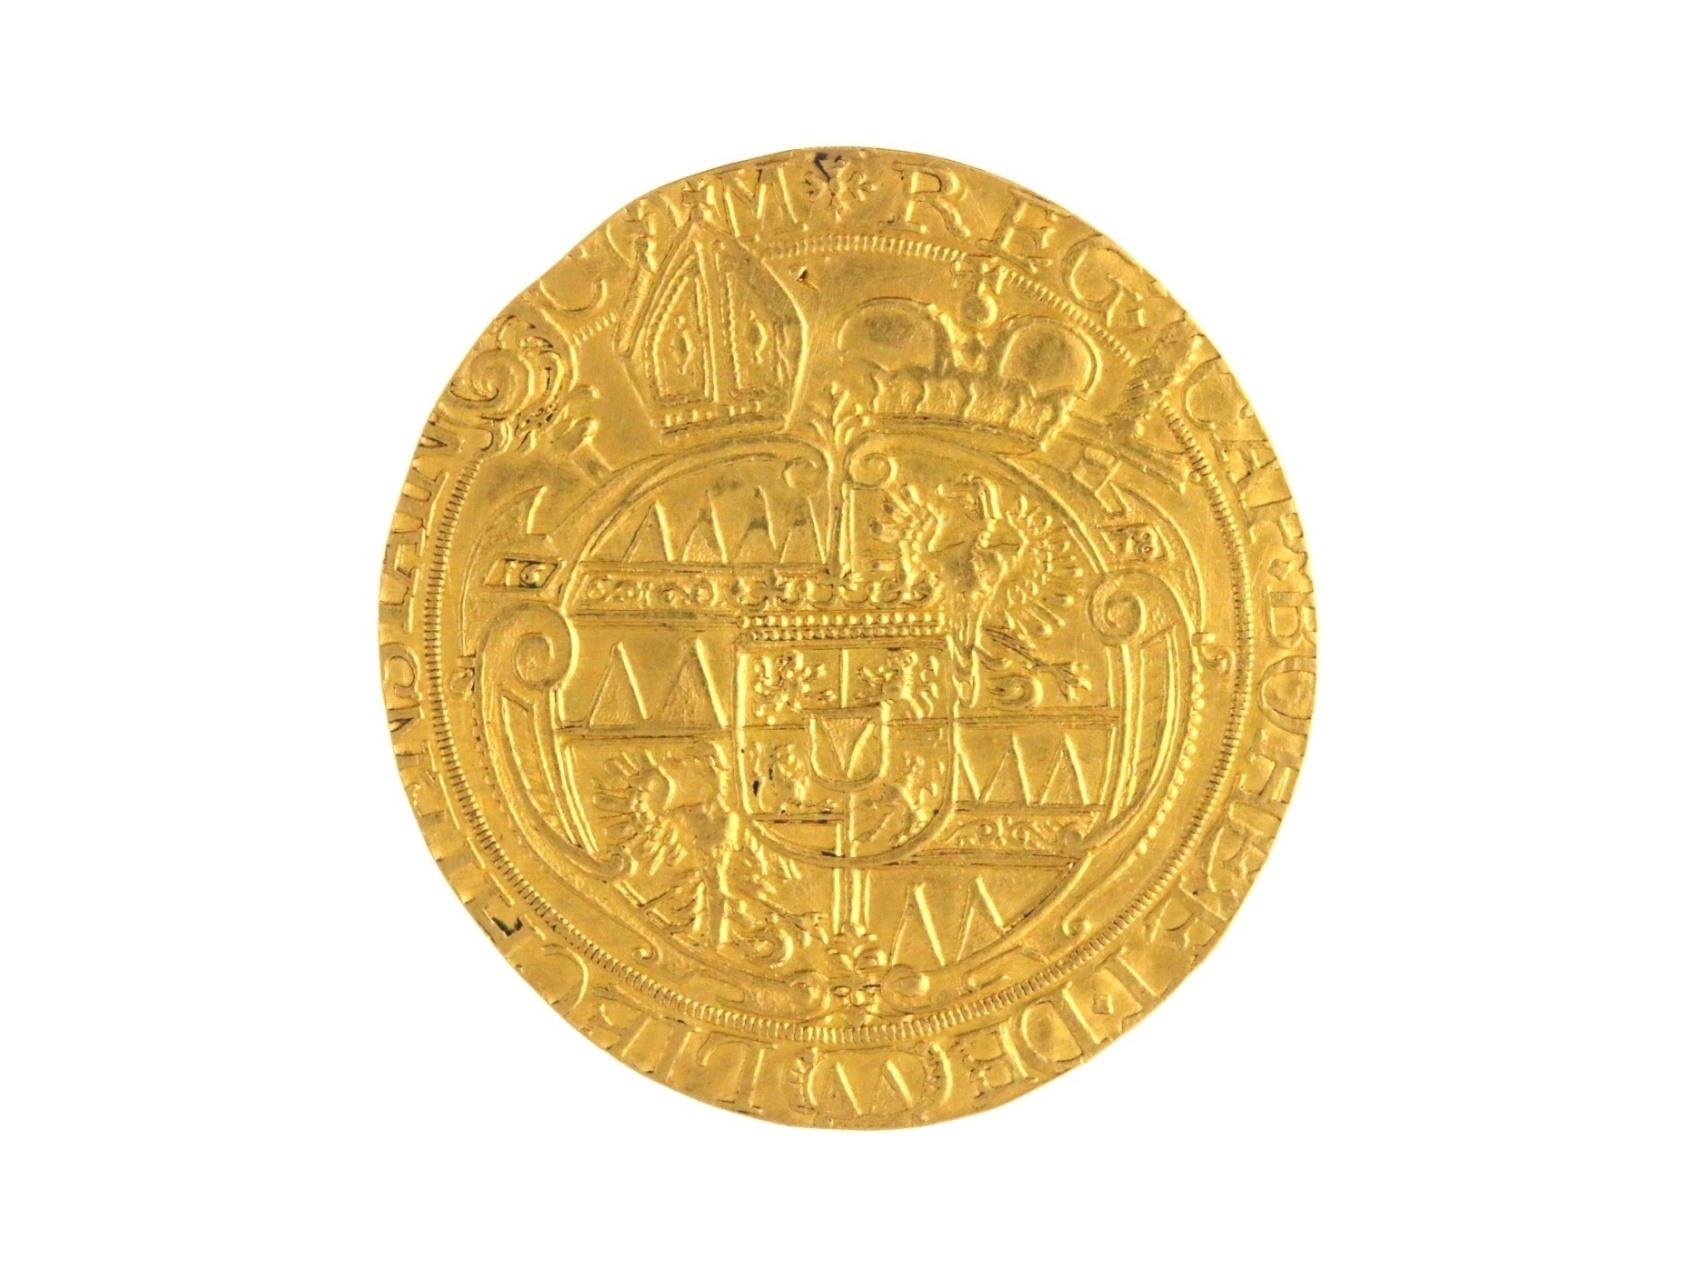 Olomouc Biskupství, Karel II. Lichtenstein 1664 - 1695, 4 Dukát 1678, velmi vzácný, ex. aukce Hess Divo, stopa po závěsu, dr. uhoz v ploše